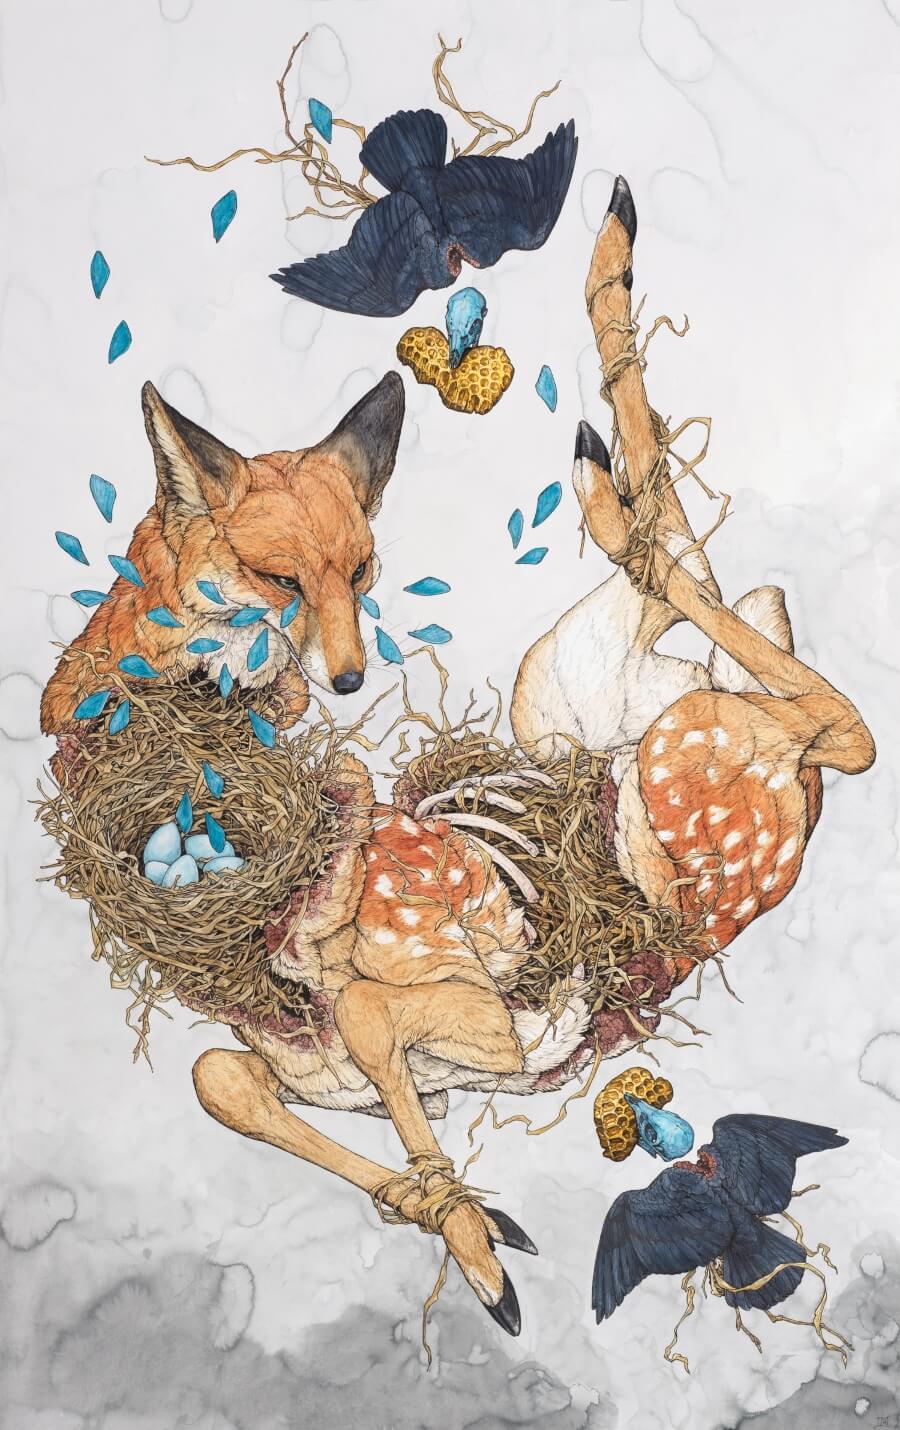 La artista crea mundos con fauna surrealista